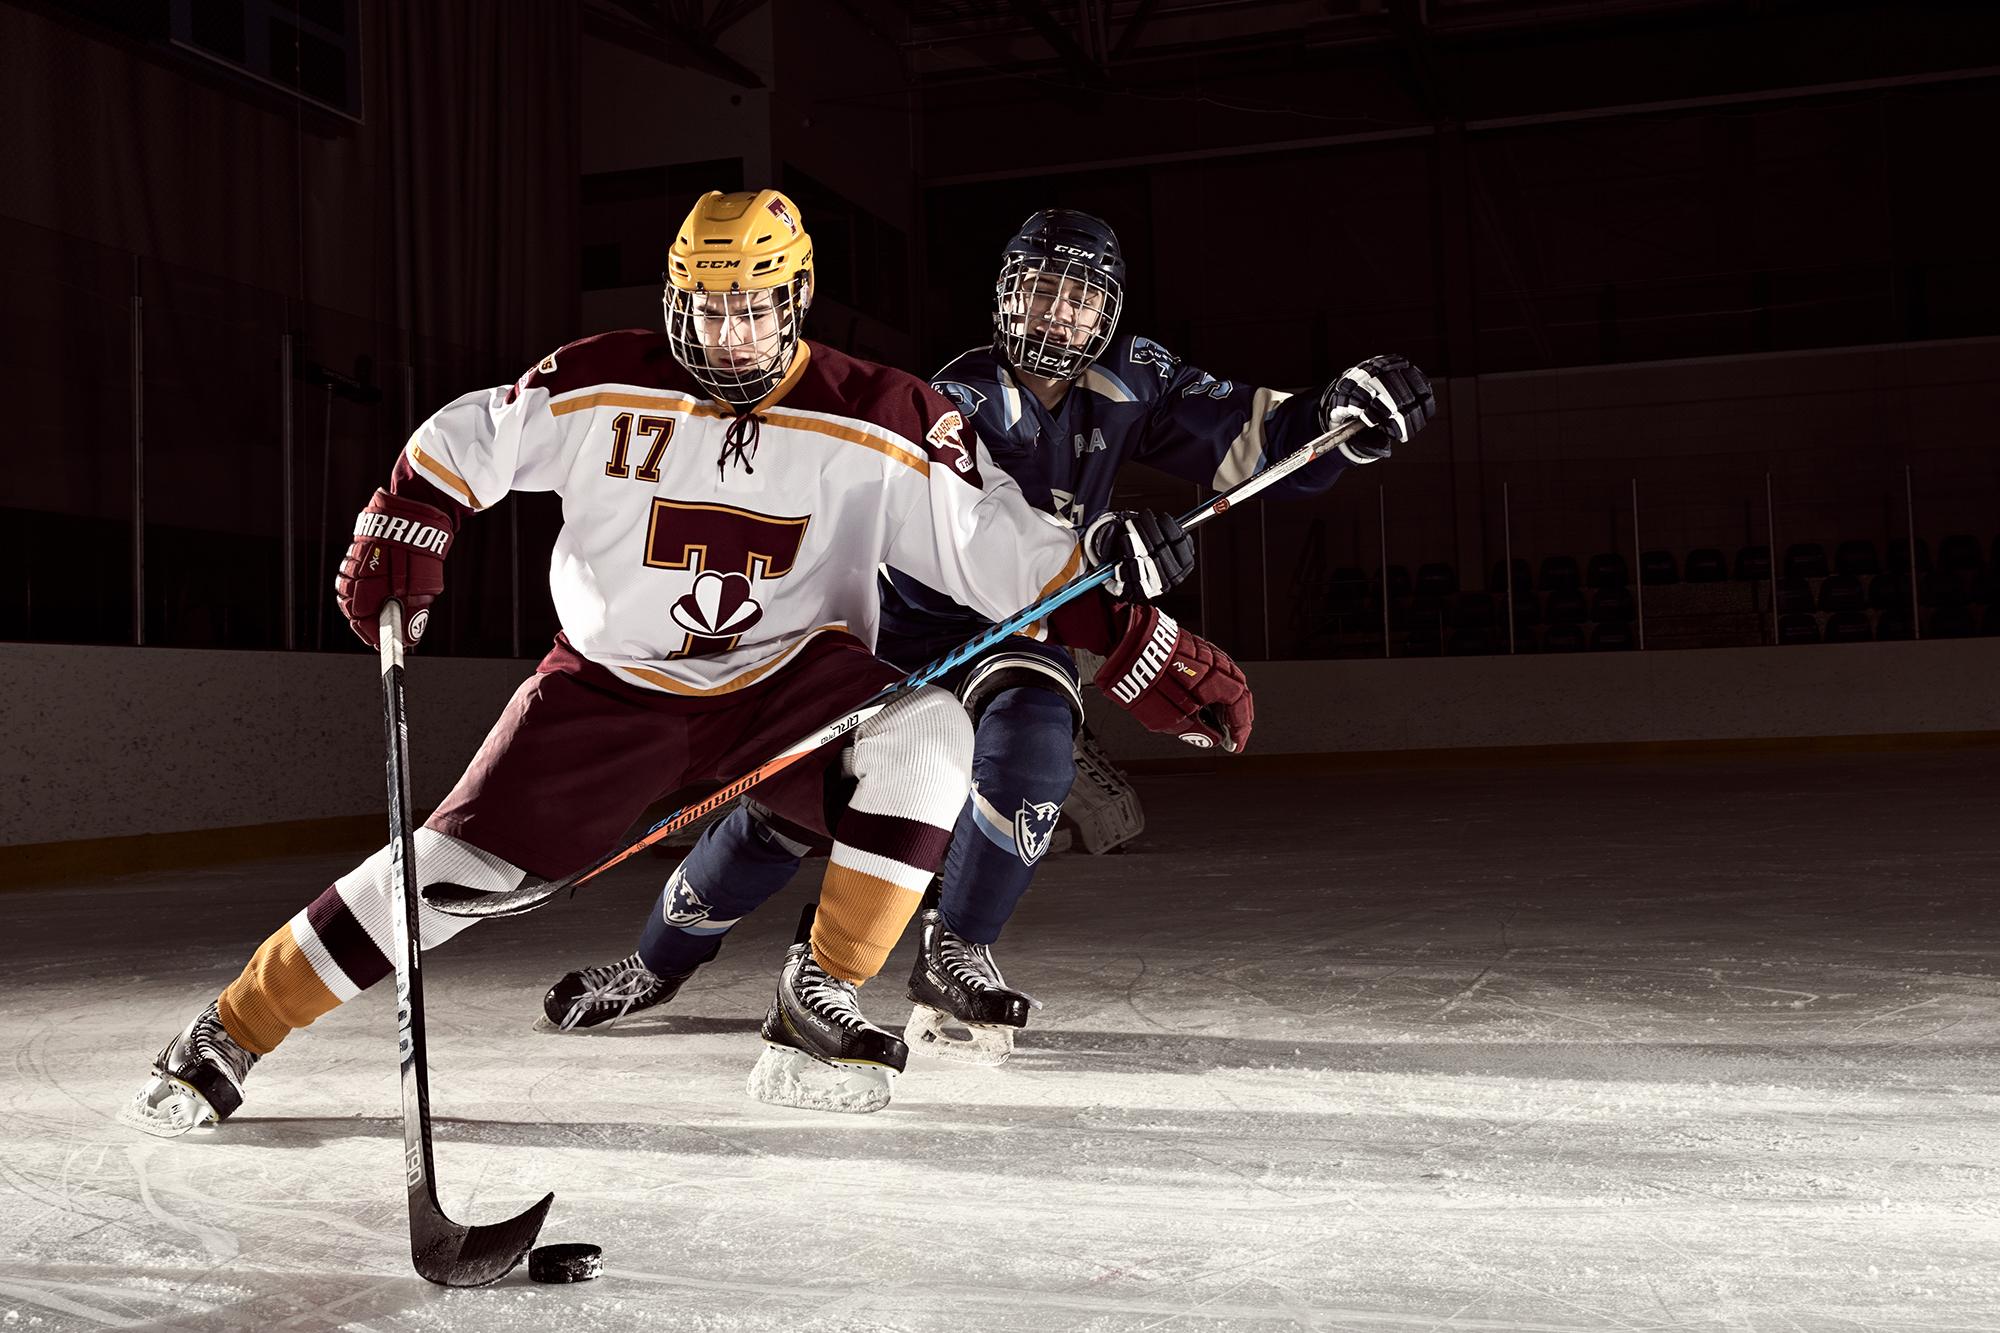 joueur de hockey protégeant la rondelle devant un adversaire